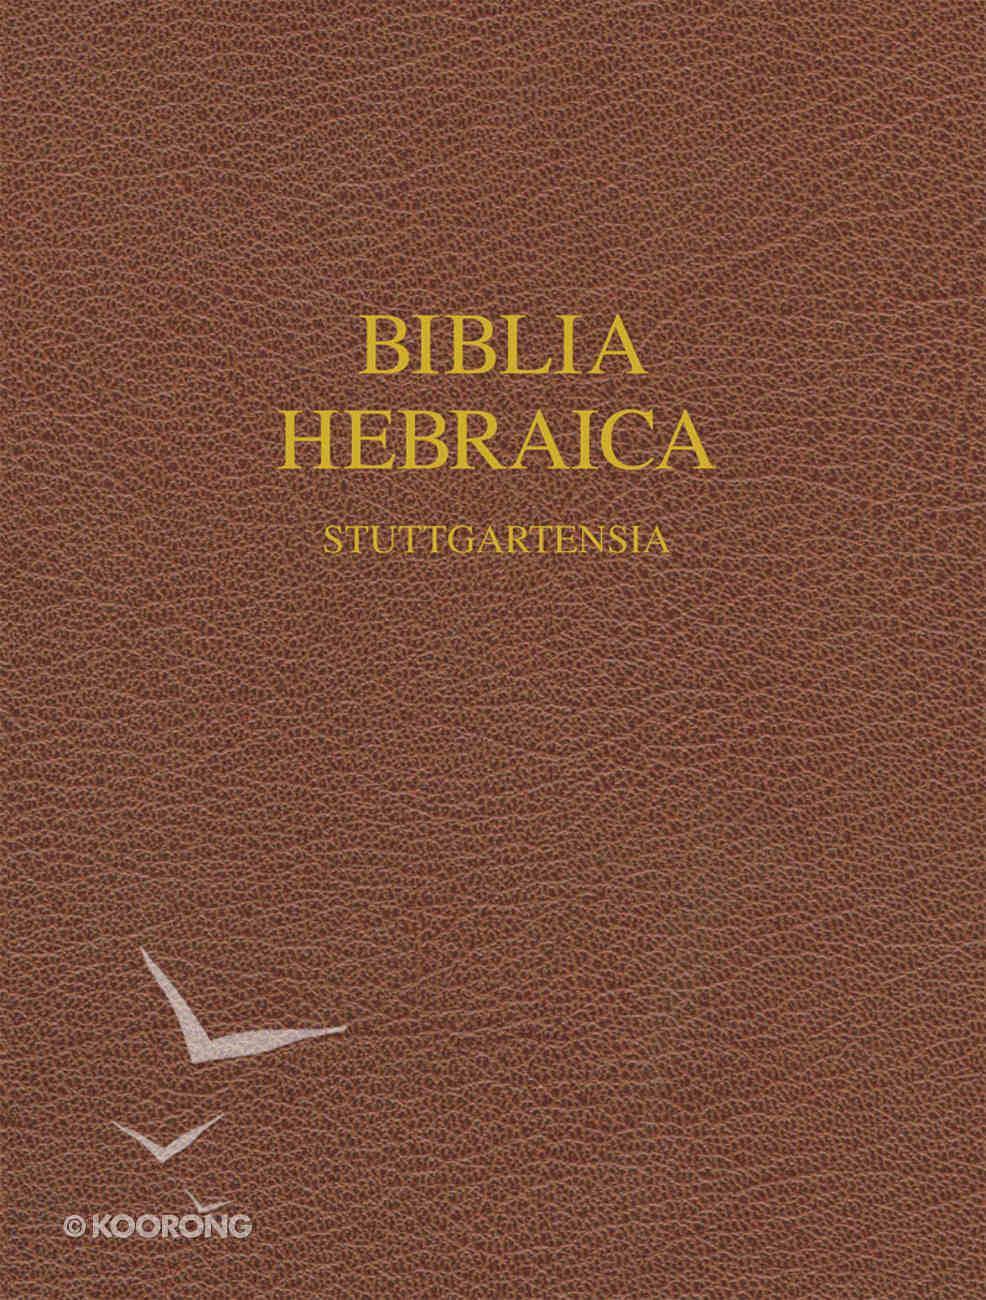 Biblia Hebraica Stuttgartensia Wide Margin Edition Hardback